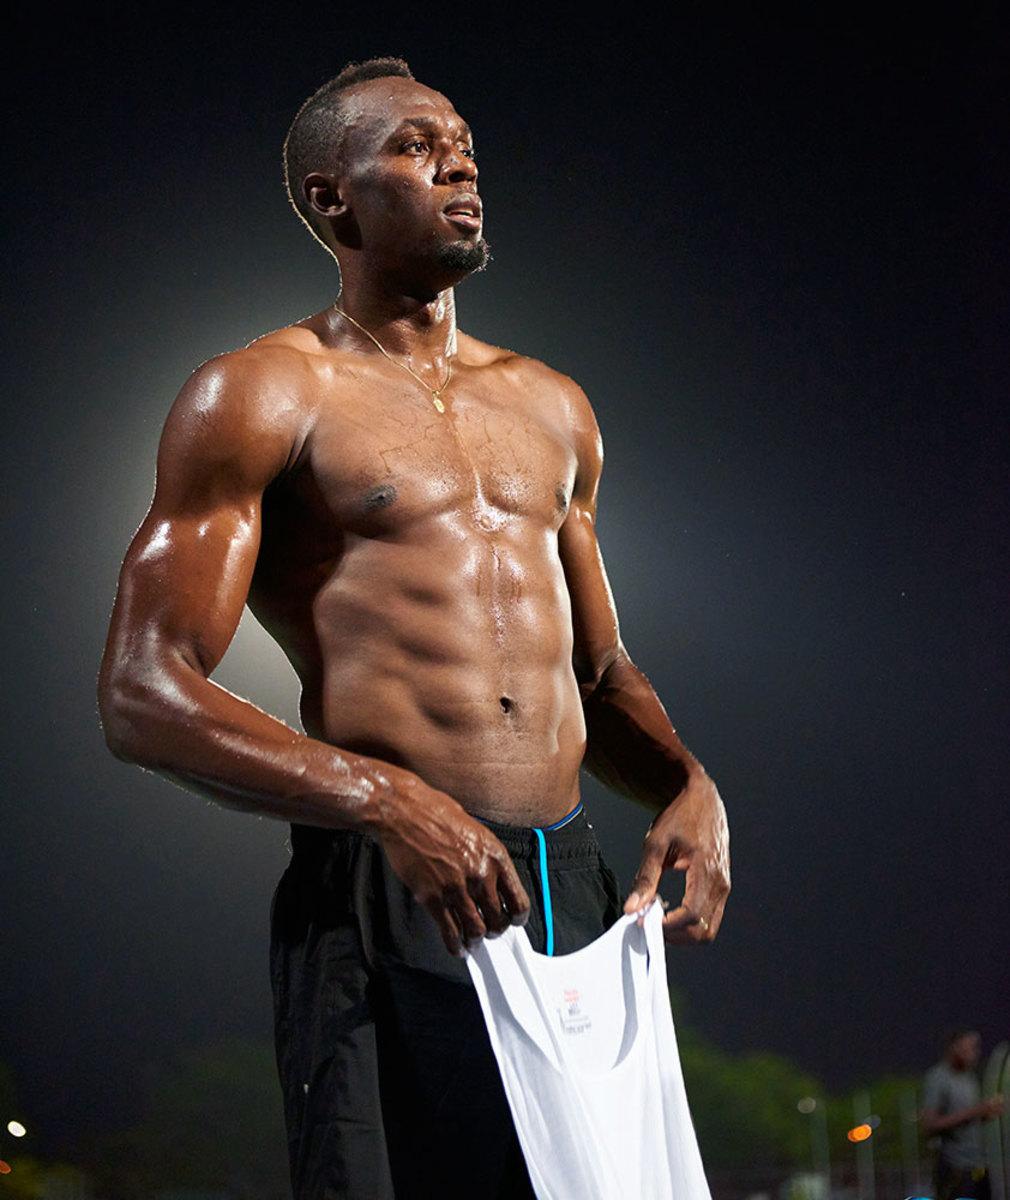 2016-0512-Usain-Bolt-SI383_TK1_0456.jpg